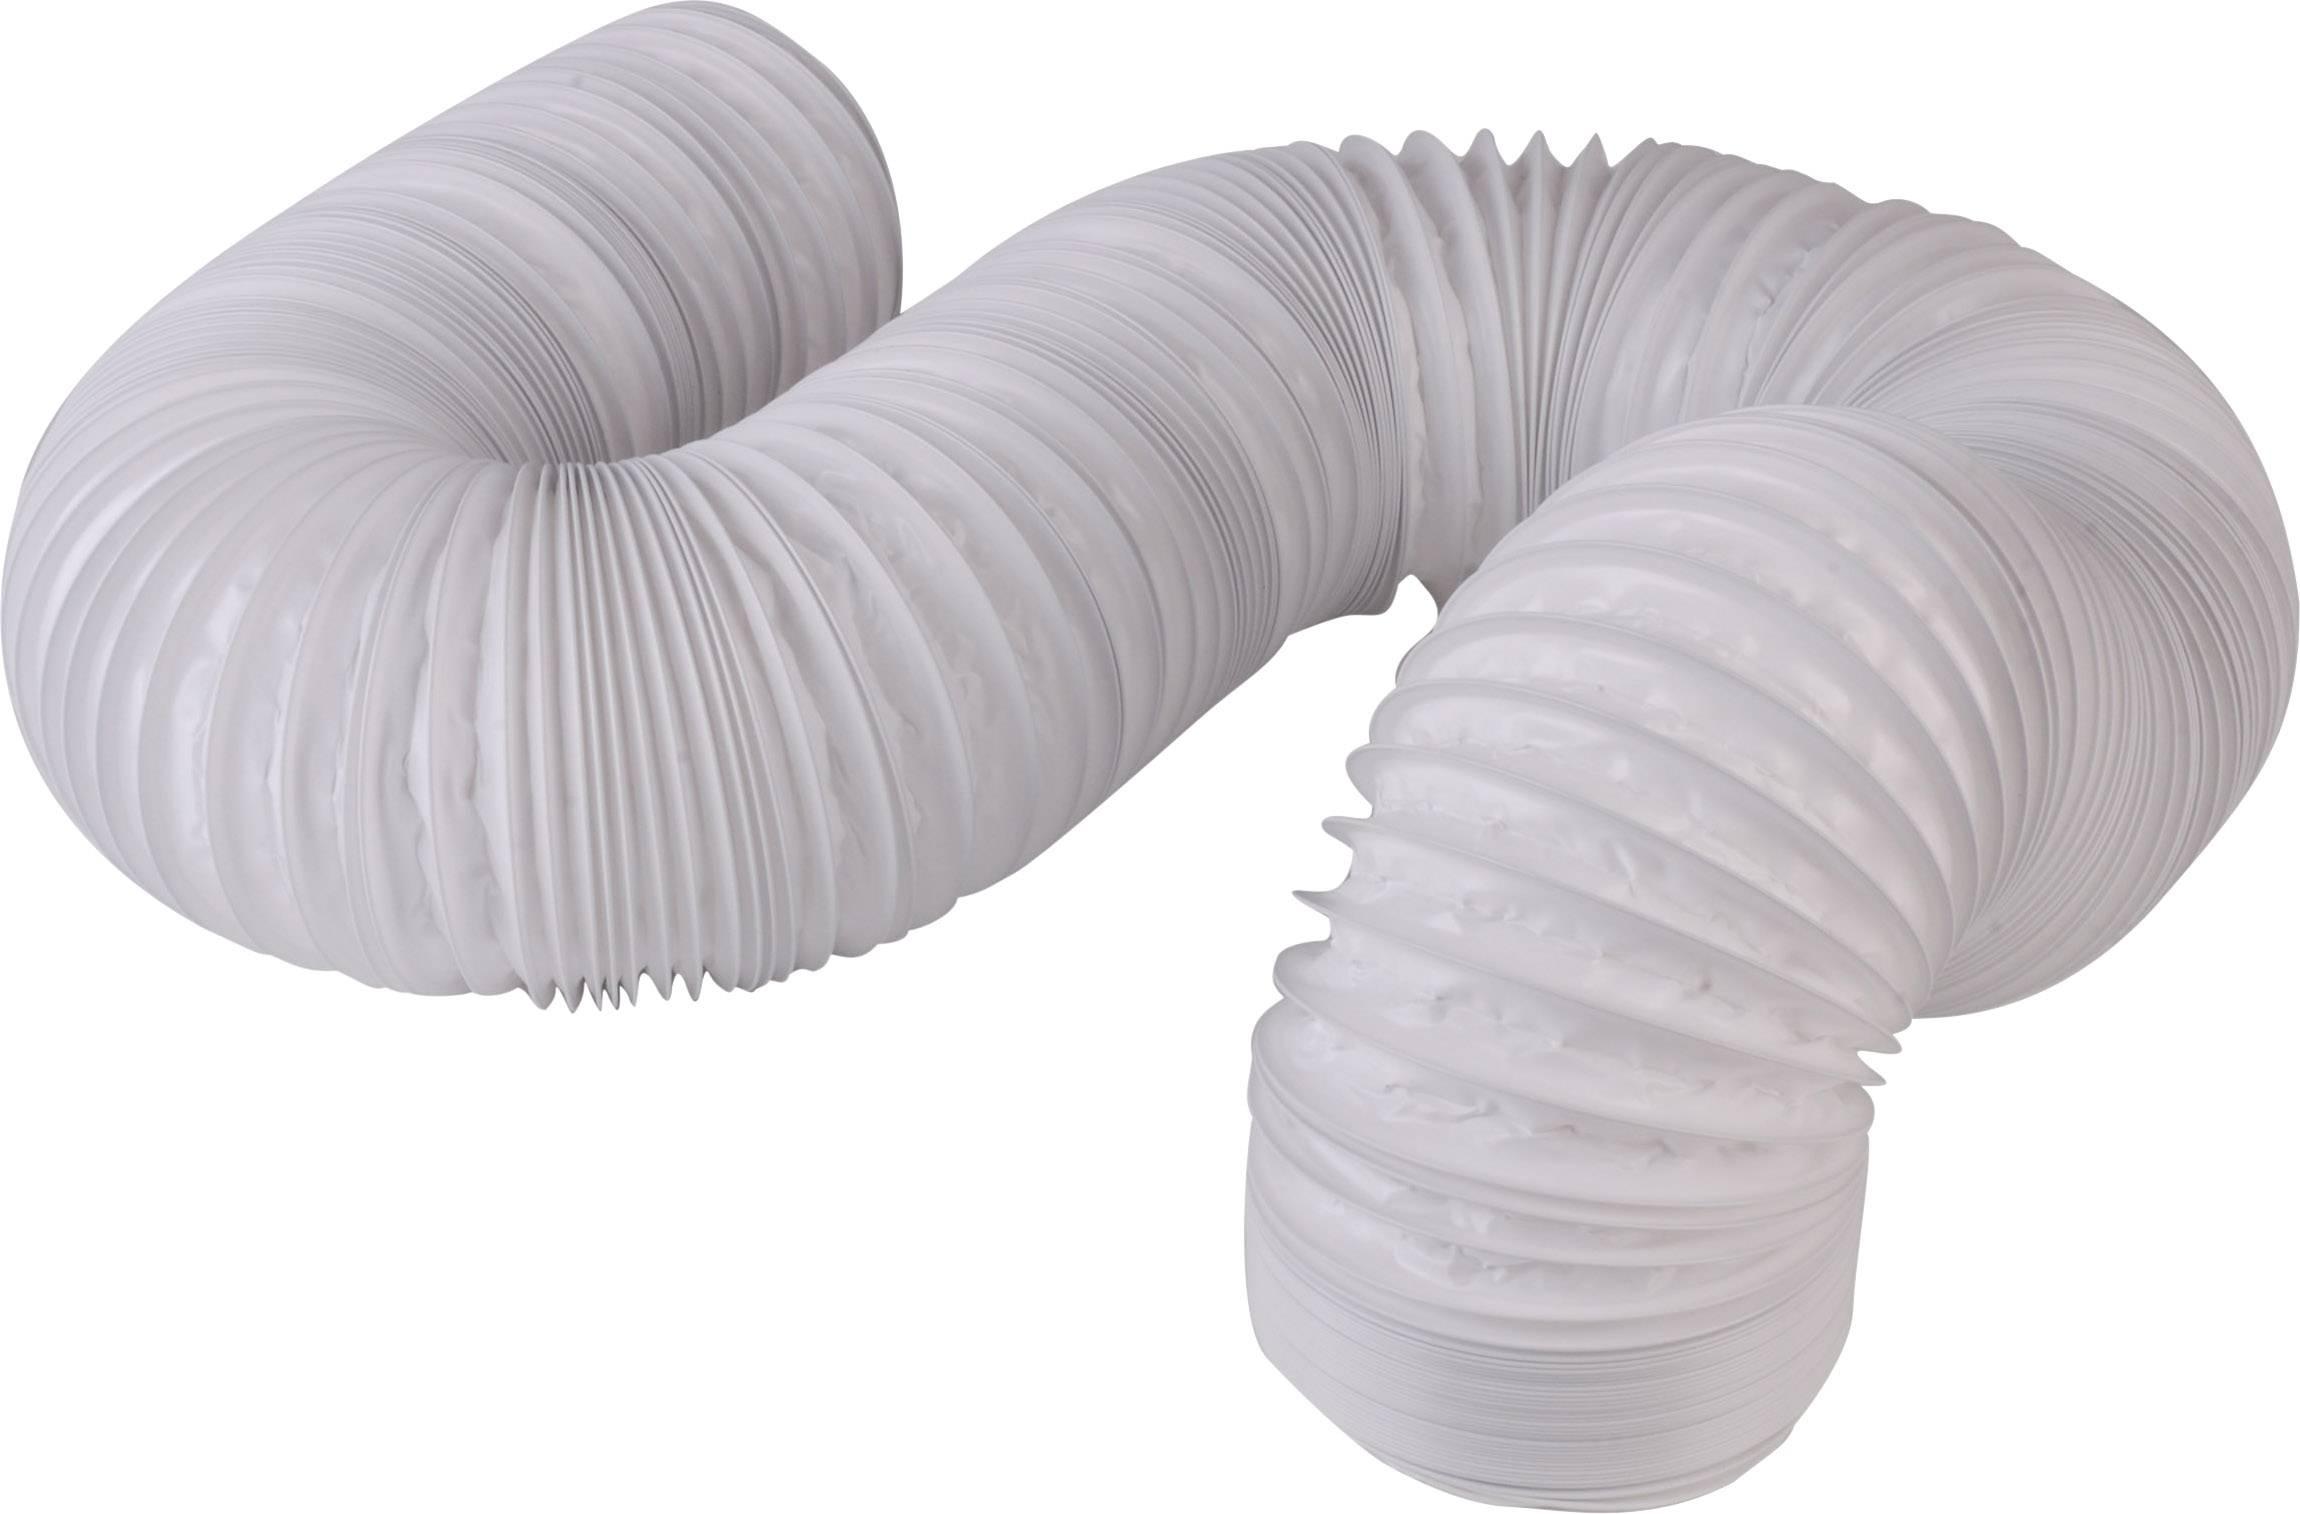 Flexibilní plastová spirálová hadice Wallair 102 mm, 6 m (20200010)